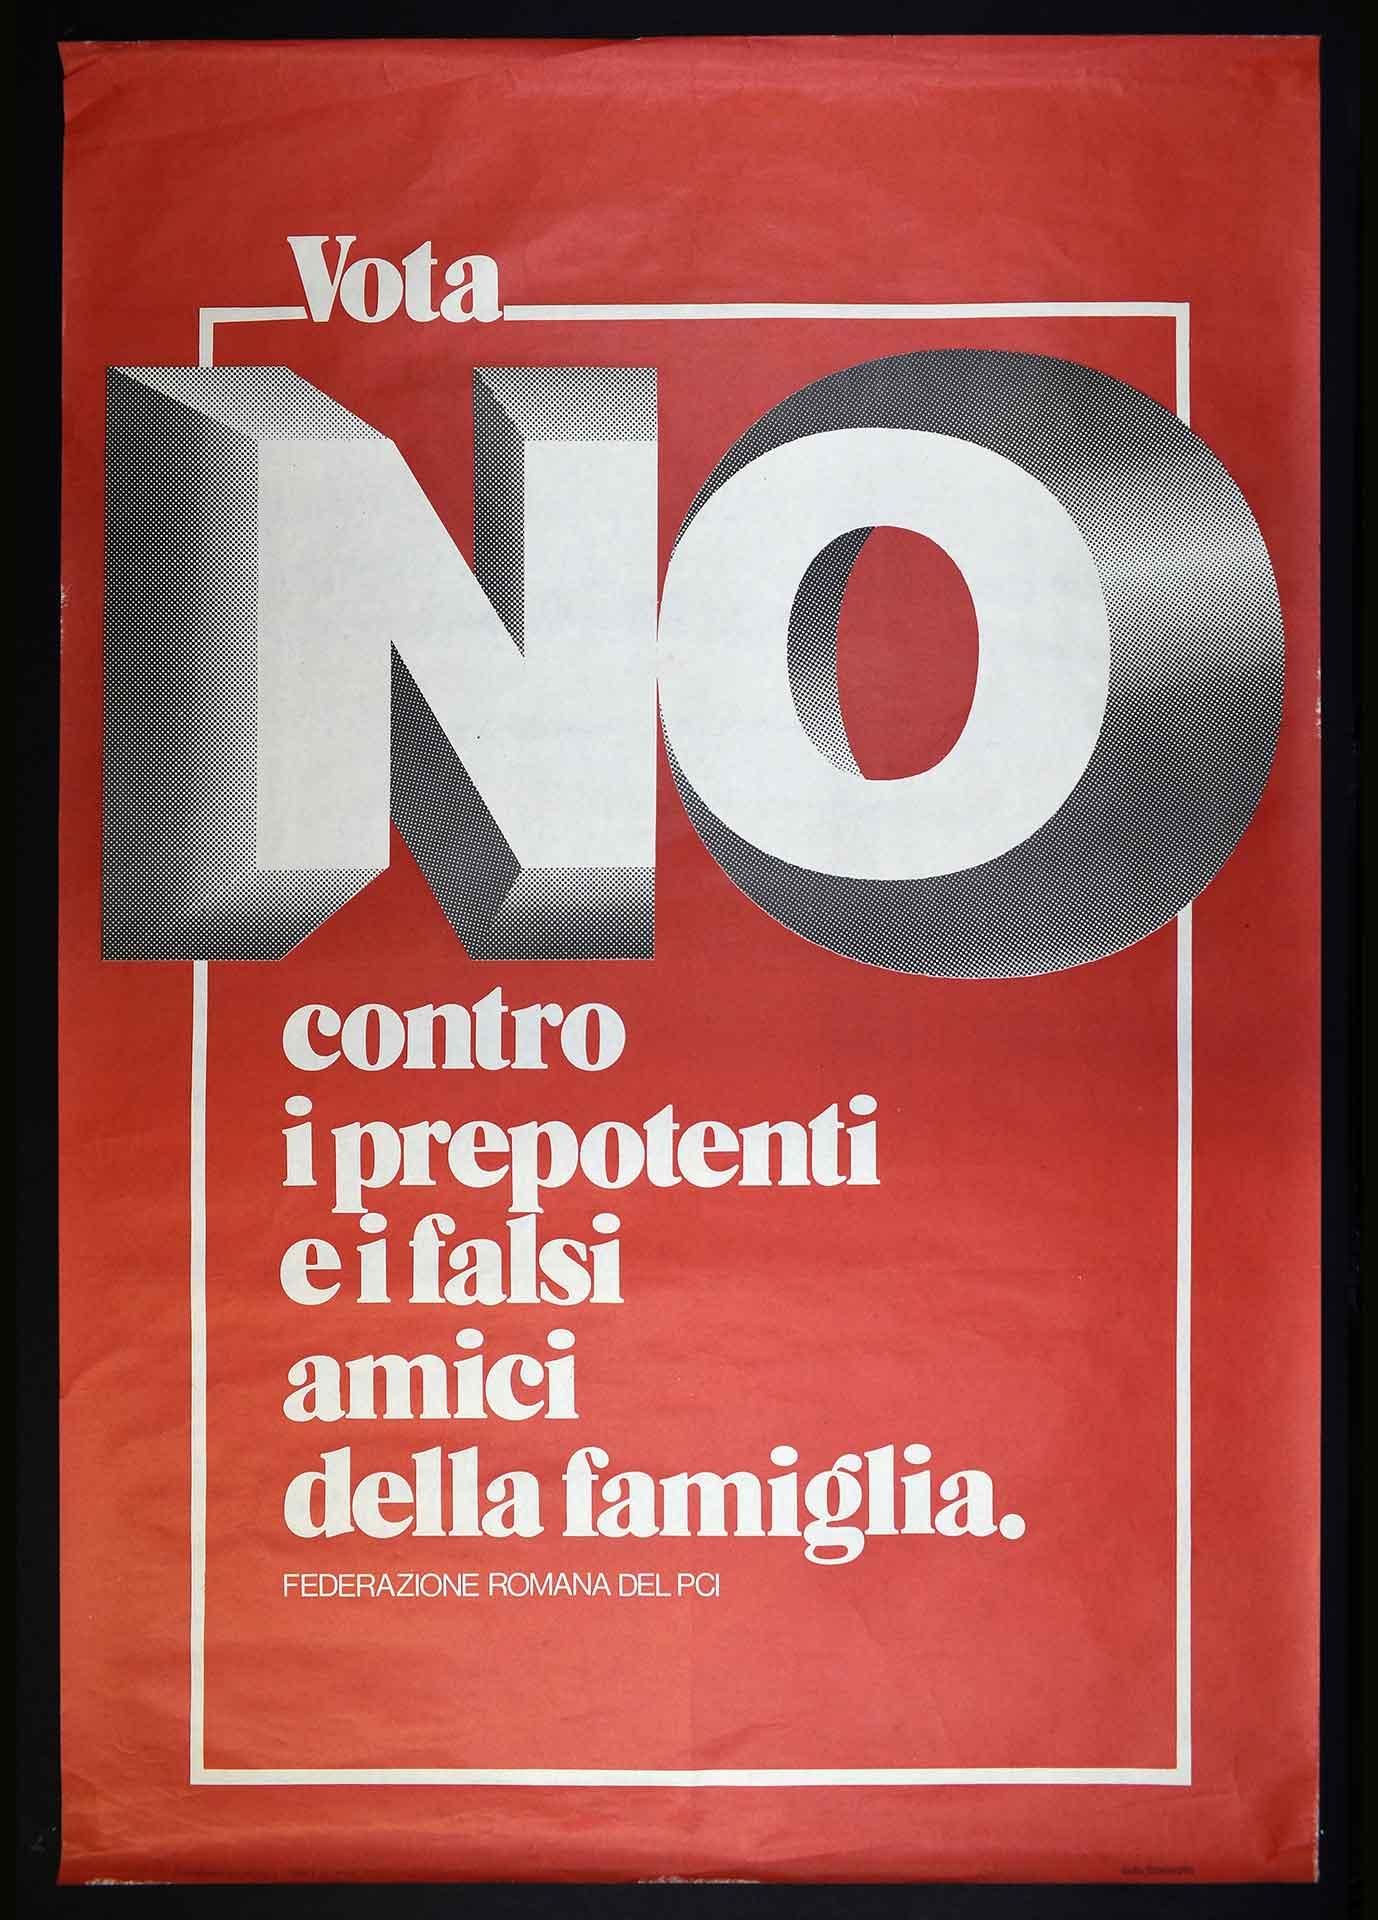 La Federazione romana del Partito comunista italiano (PCI) a favore del No al referendum abrogativo sul divorzio. Stampa Ormagrafica, Roma. Studio grafico Fatamorgana. Campagna referendaria.